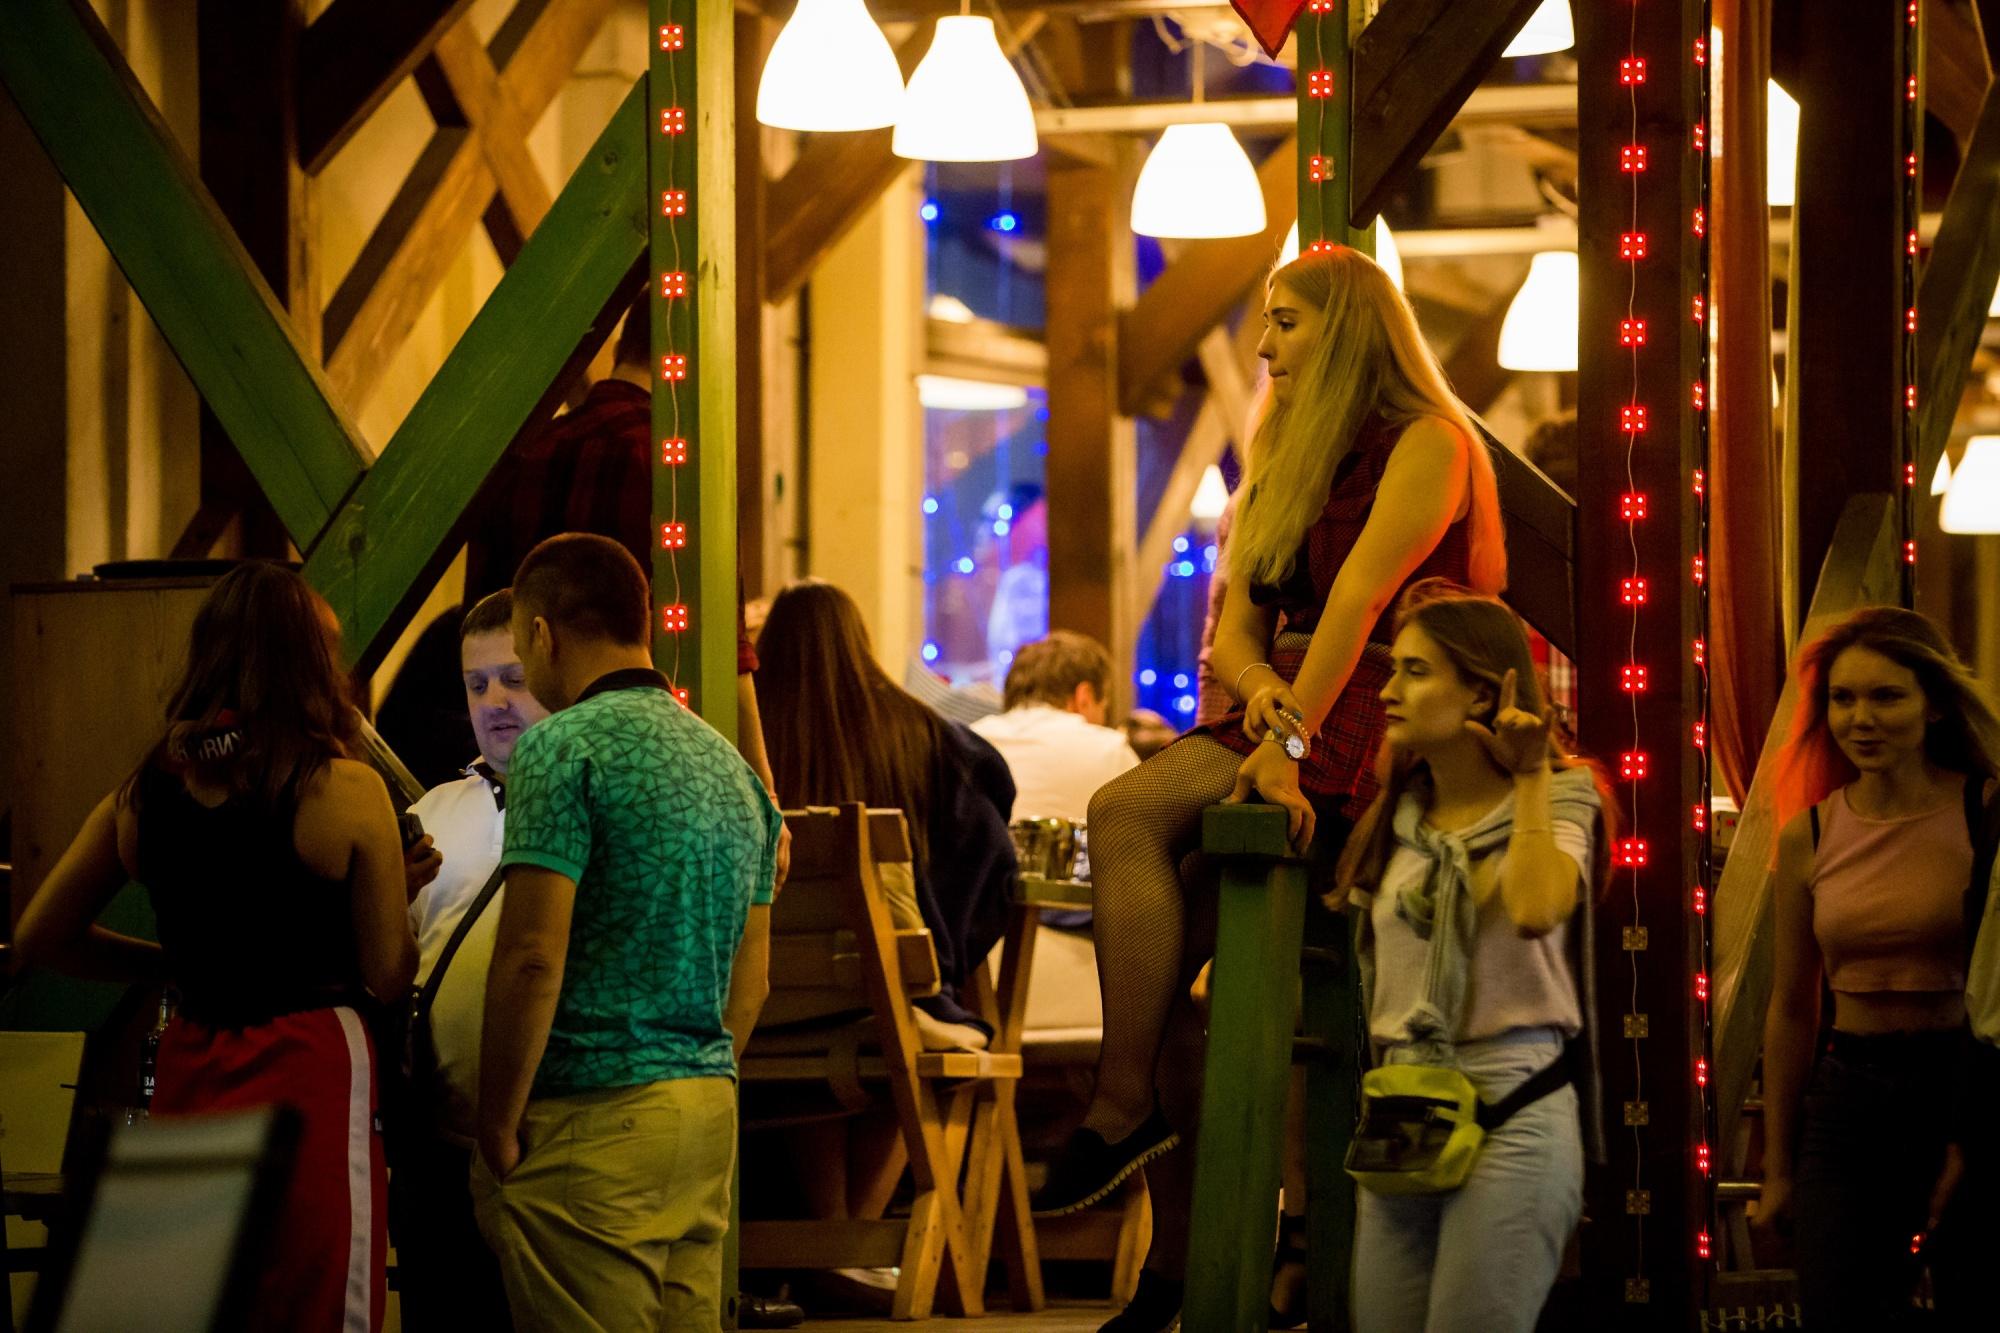 Ушла в загул: репортаж с самой тусовочной улицы города (ночью она превращается в курортный променад)